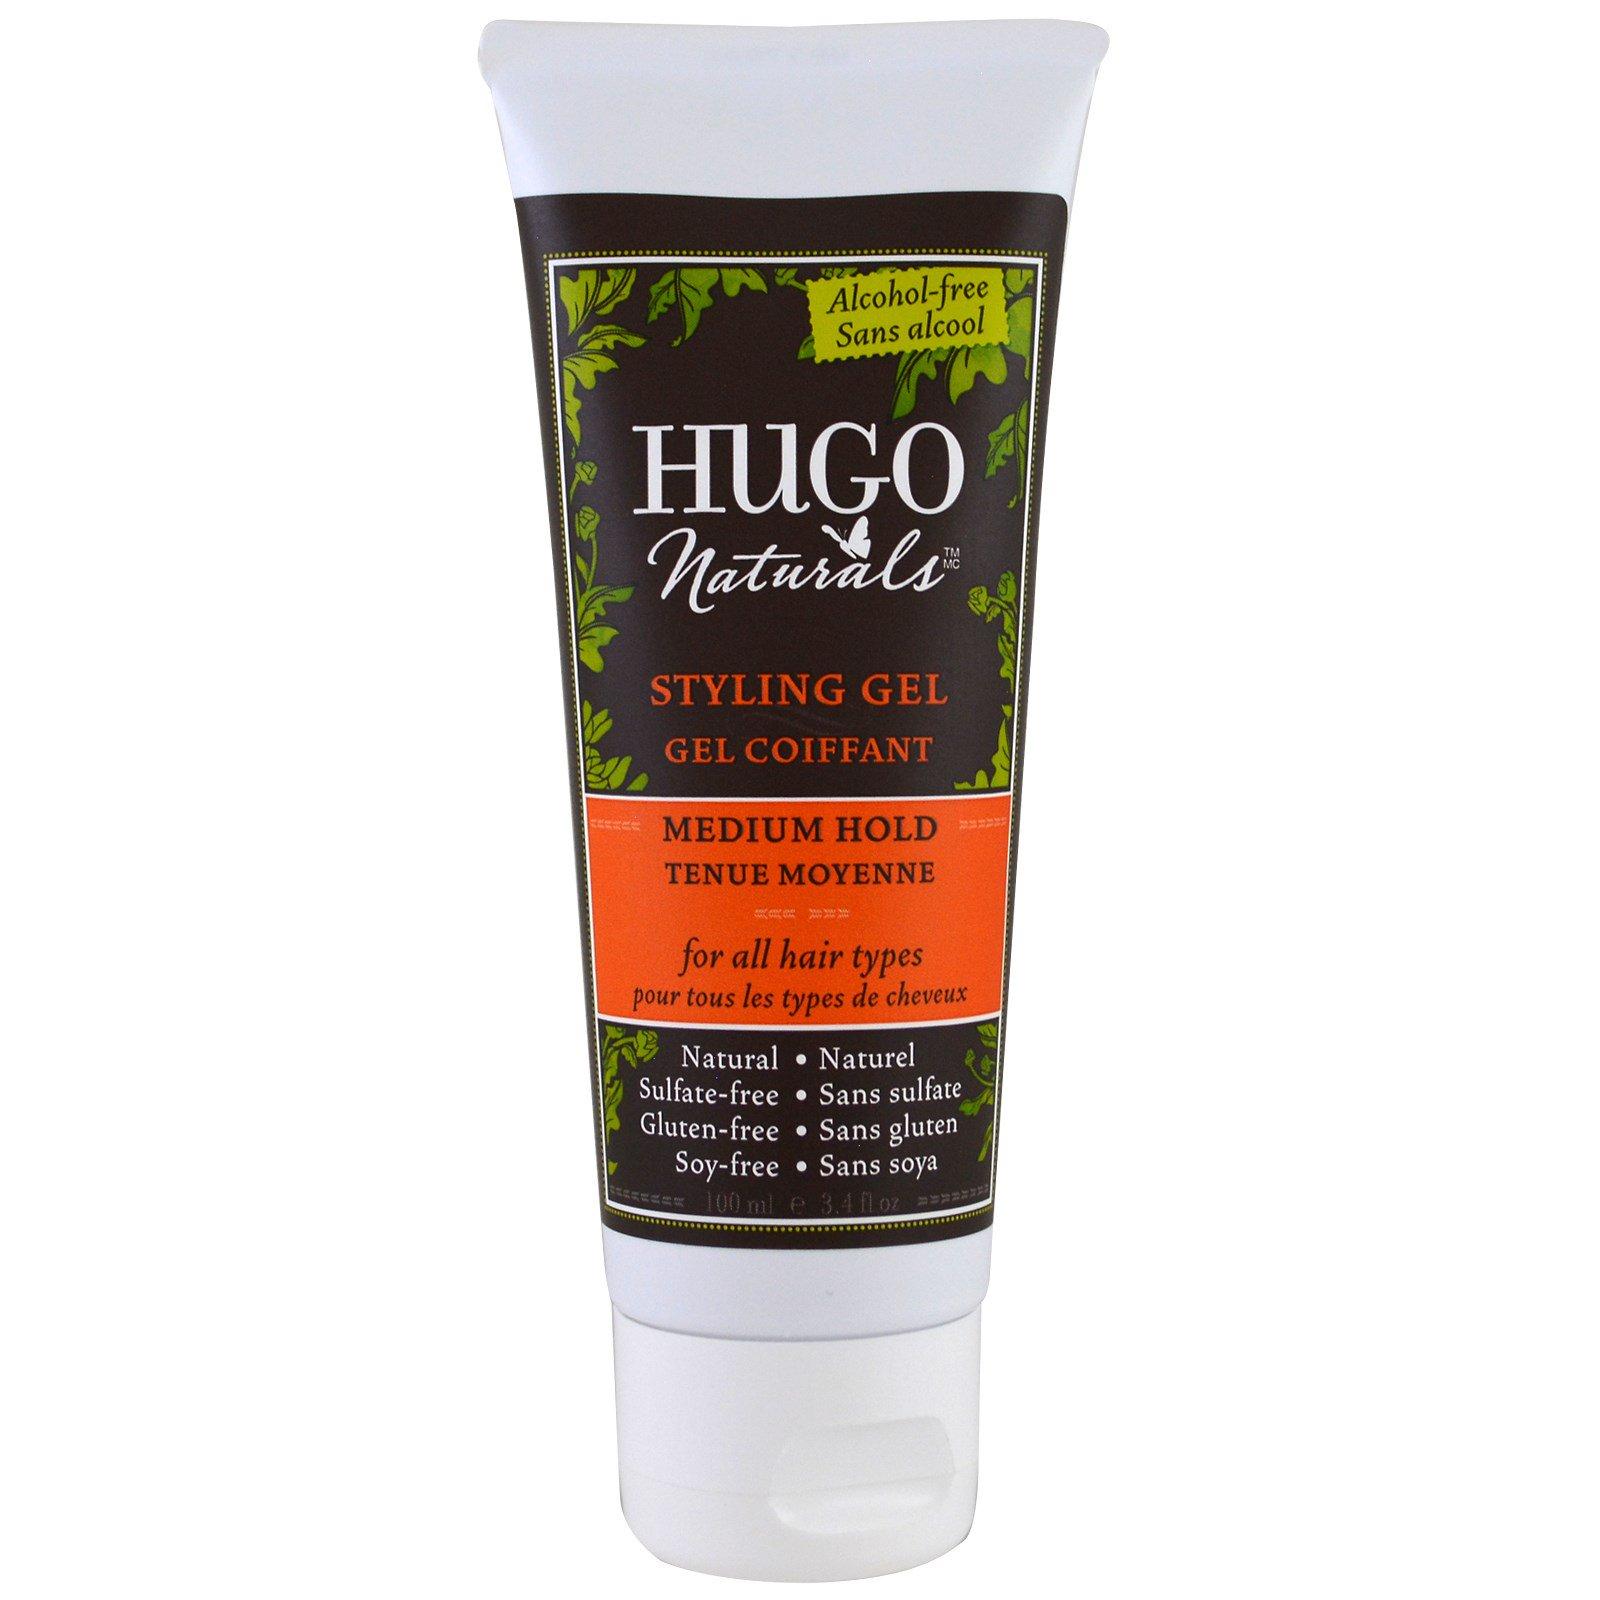 Hugo Naturals, Гель для укладки, средня степень фиксации, 3,4 жидких унций (100 мл)